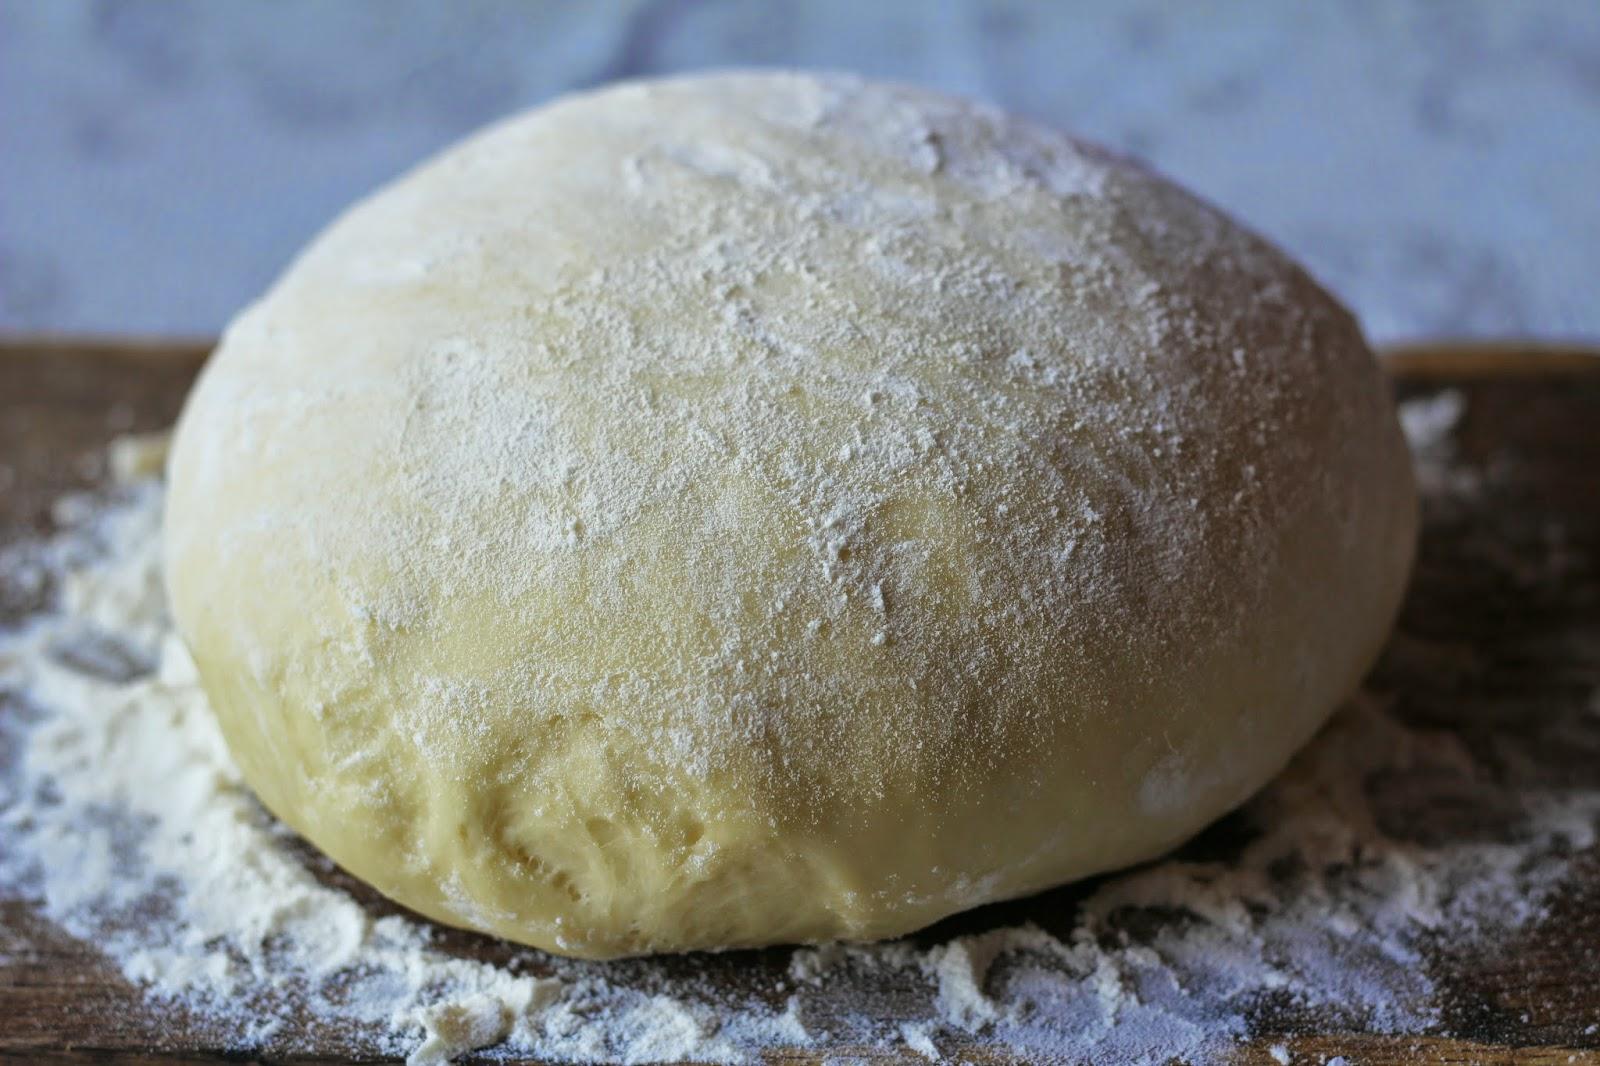 Cinamon rolls, czyli drożdżówki z cynamonem